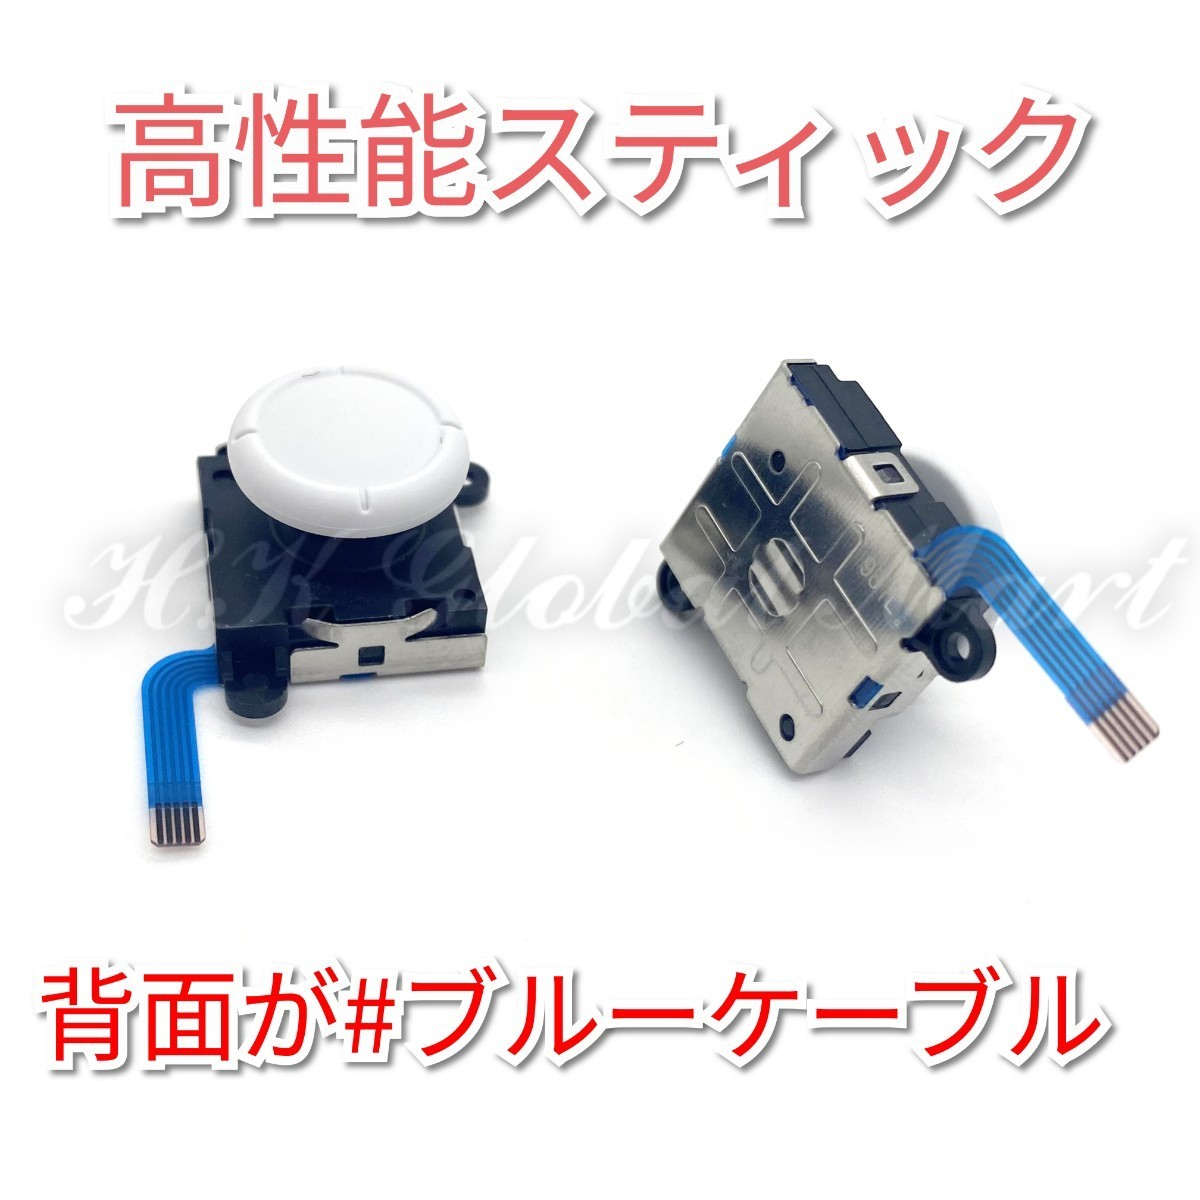 任天堂スイッチ ジョイコン修理キット ホワイトスティック